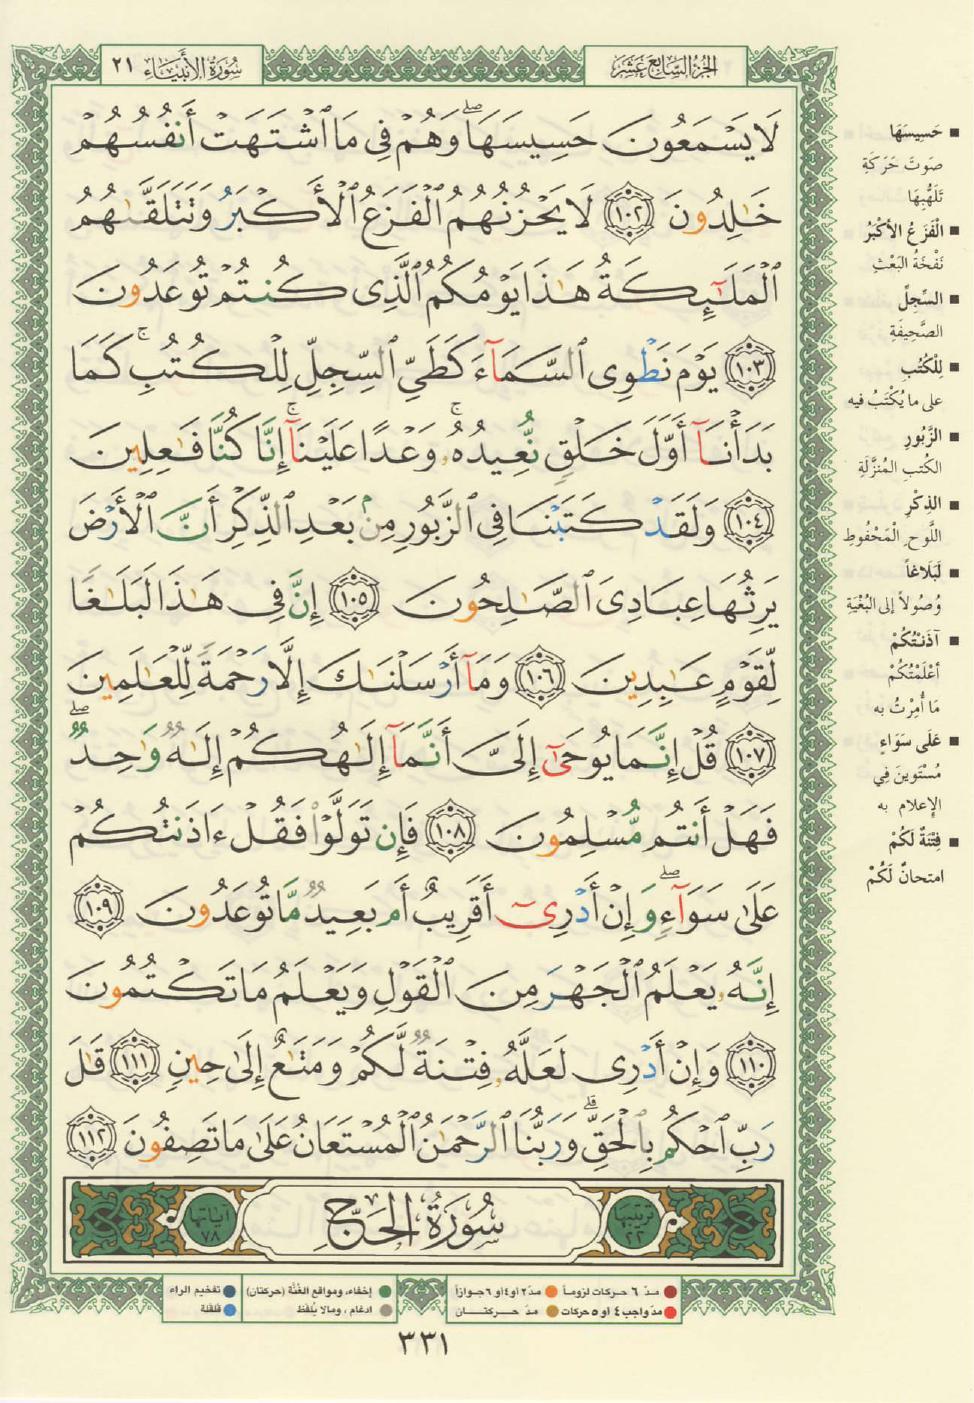 21. سورة الانبياء - Al- Anbiya مصورة من المصحف الشريف Quran_tajwid_000340